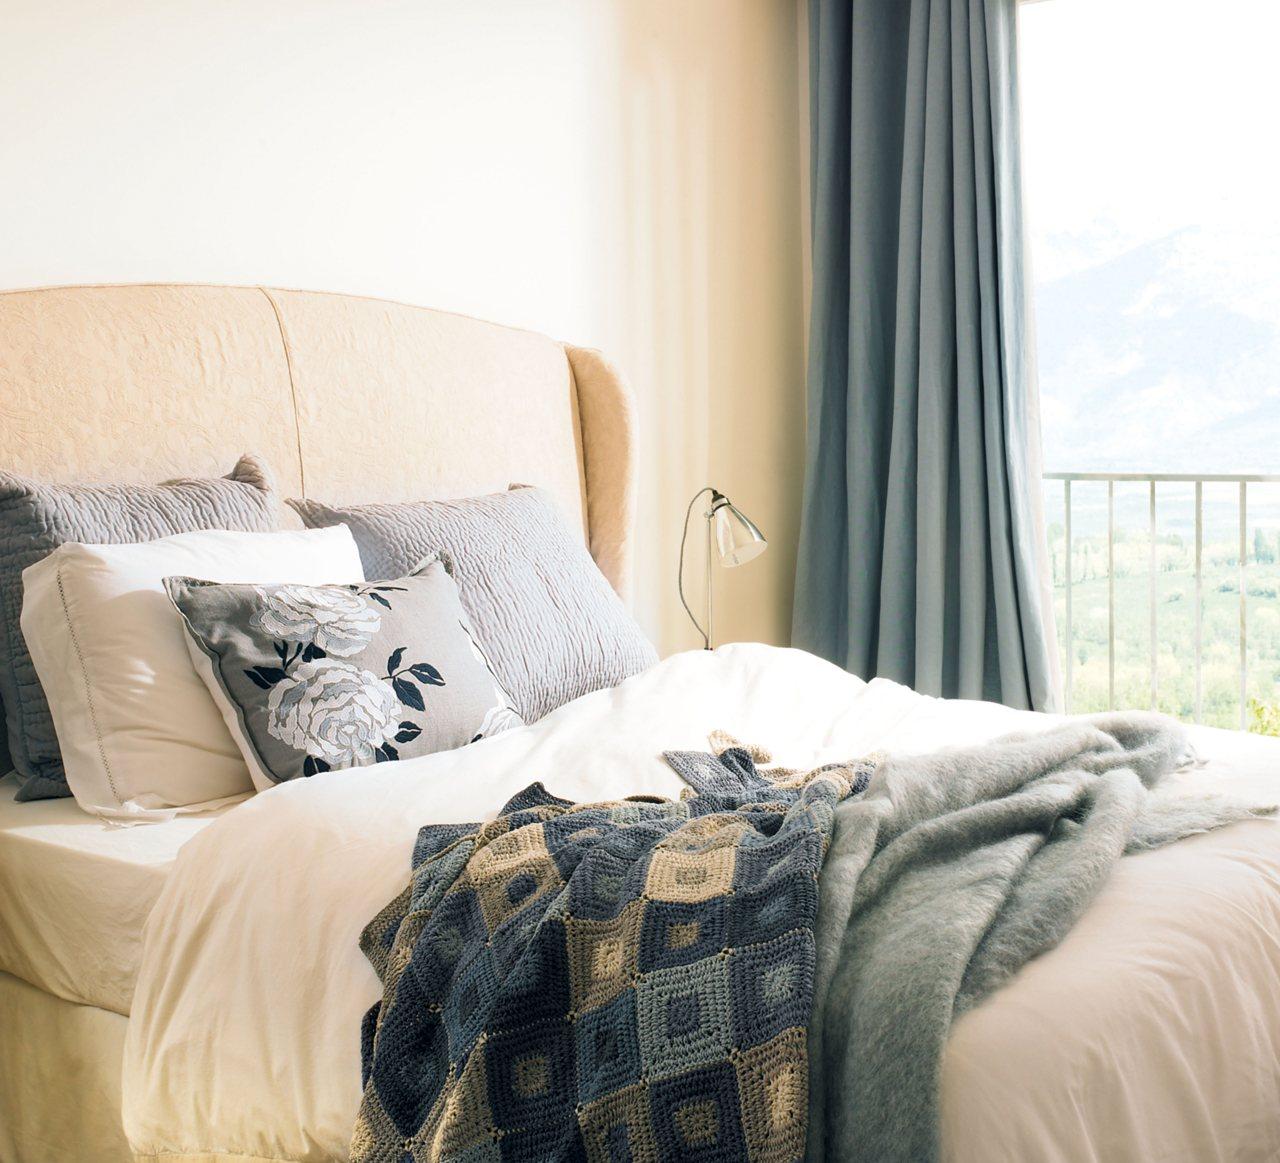 Renueva tu casa con poca inversi n - Dormitorio beige ...